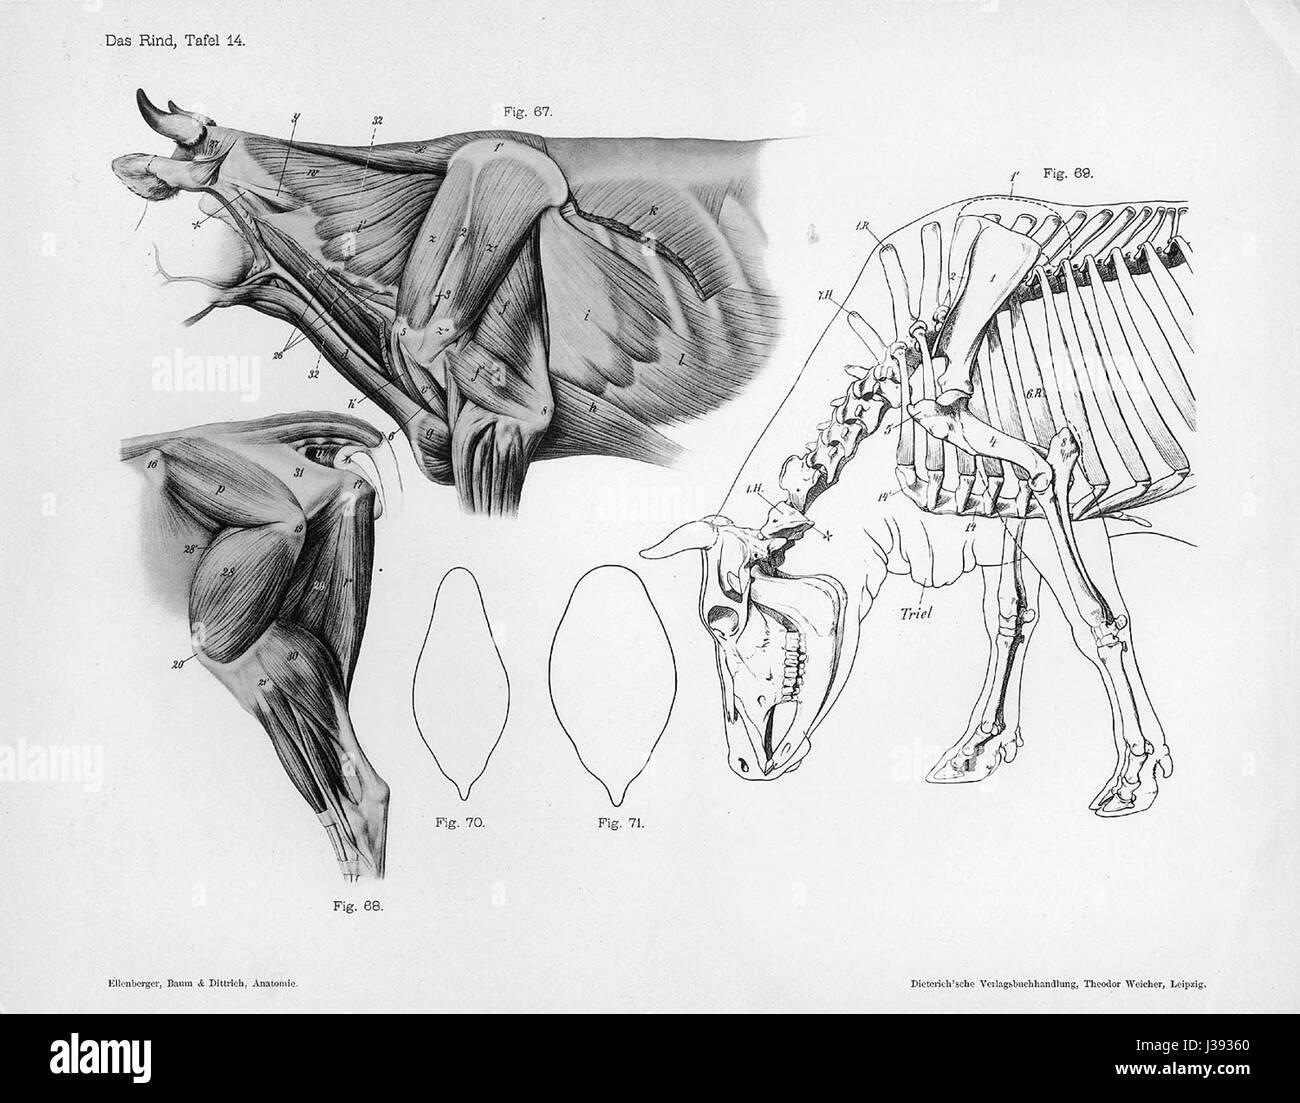 Ausgezeichnet Kuh Lunge Anatomie Ideen - Anatomie Ideen - finotti.info